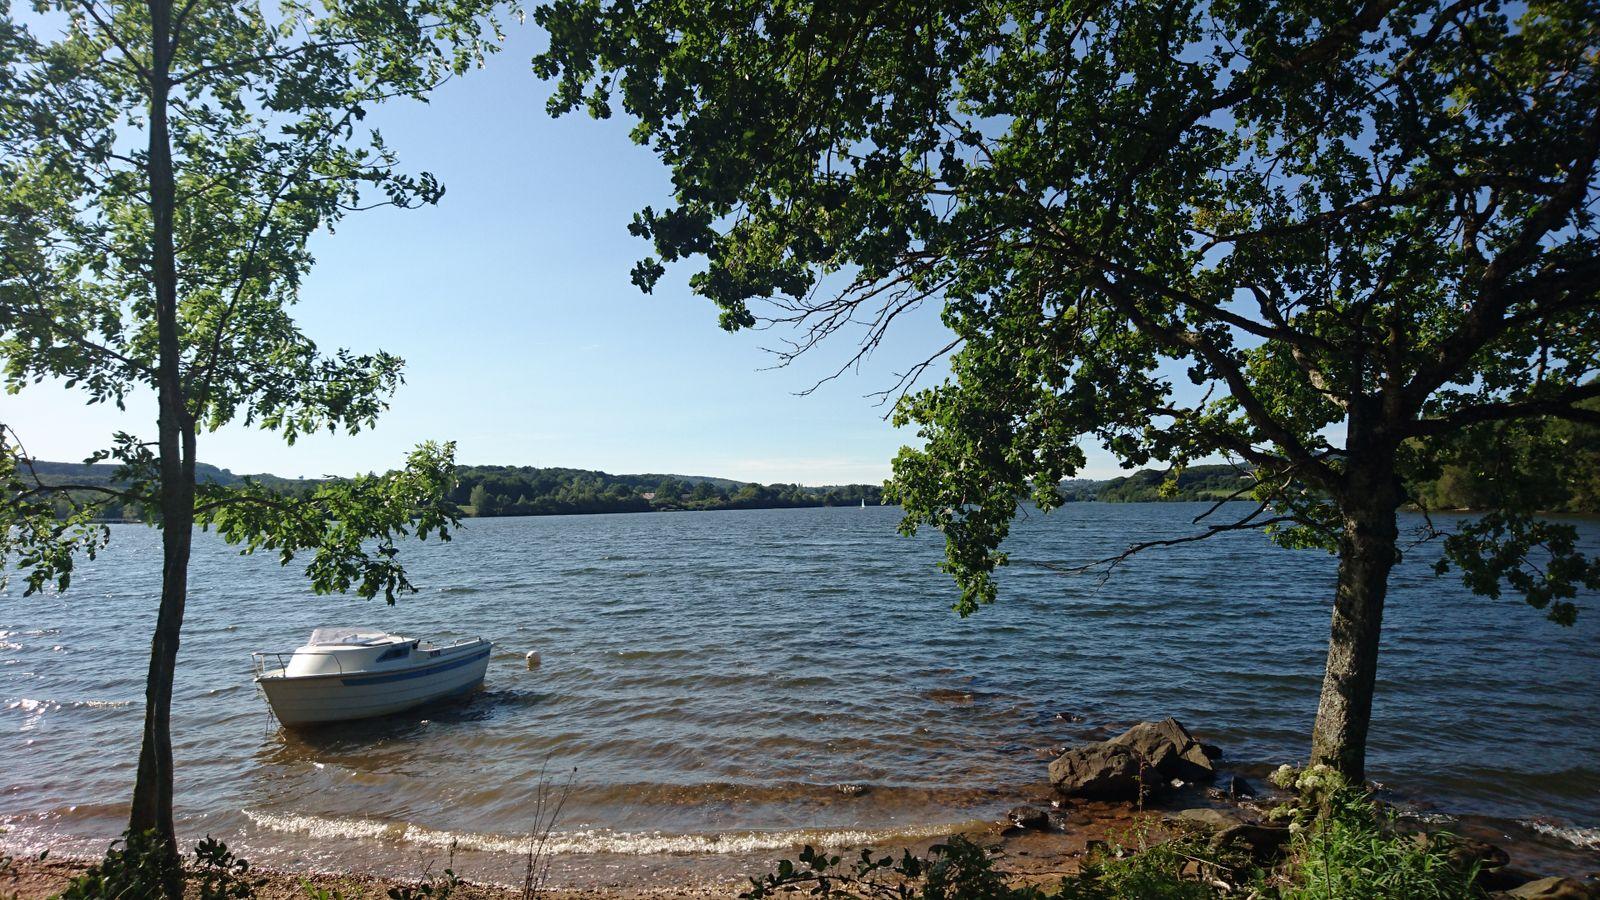 un petit coin du lac (50 mètres)  vous pouvez amener votre bateau ...